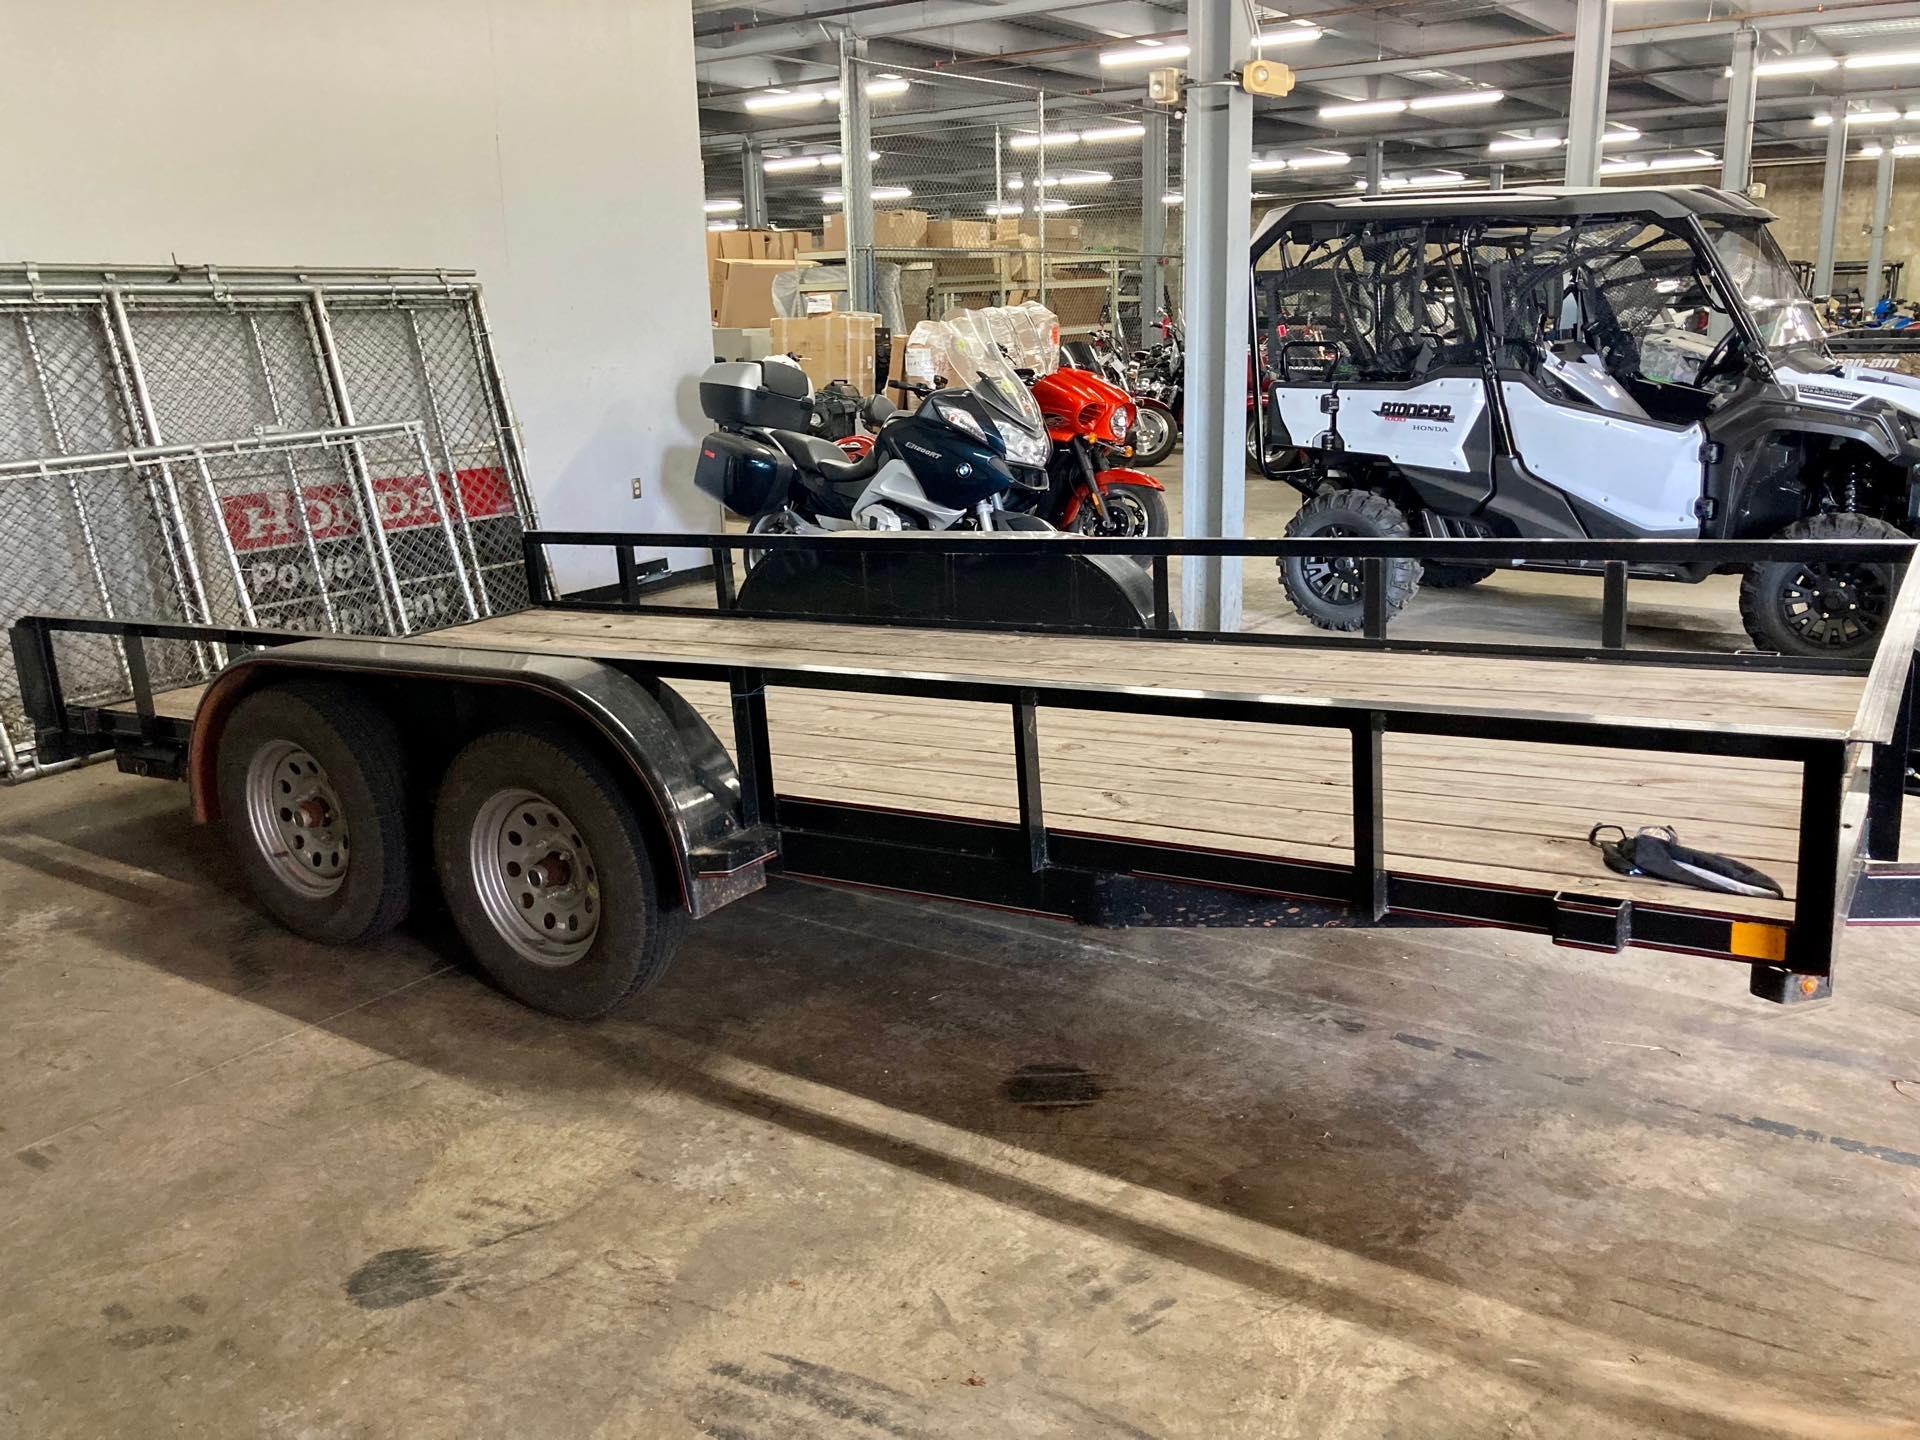 2019 OTHER 77X16 DBL AX TRL at Shawnee Honda Polaris Kawasaki